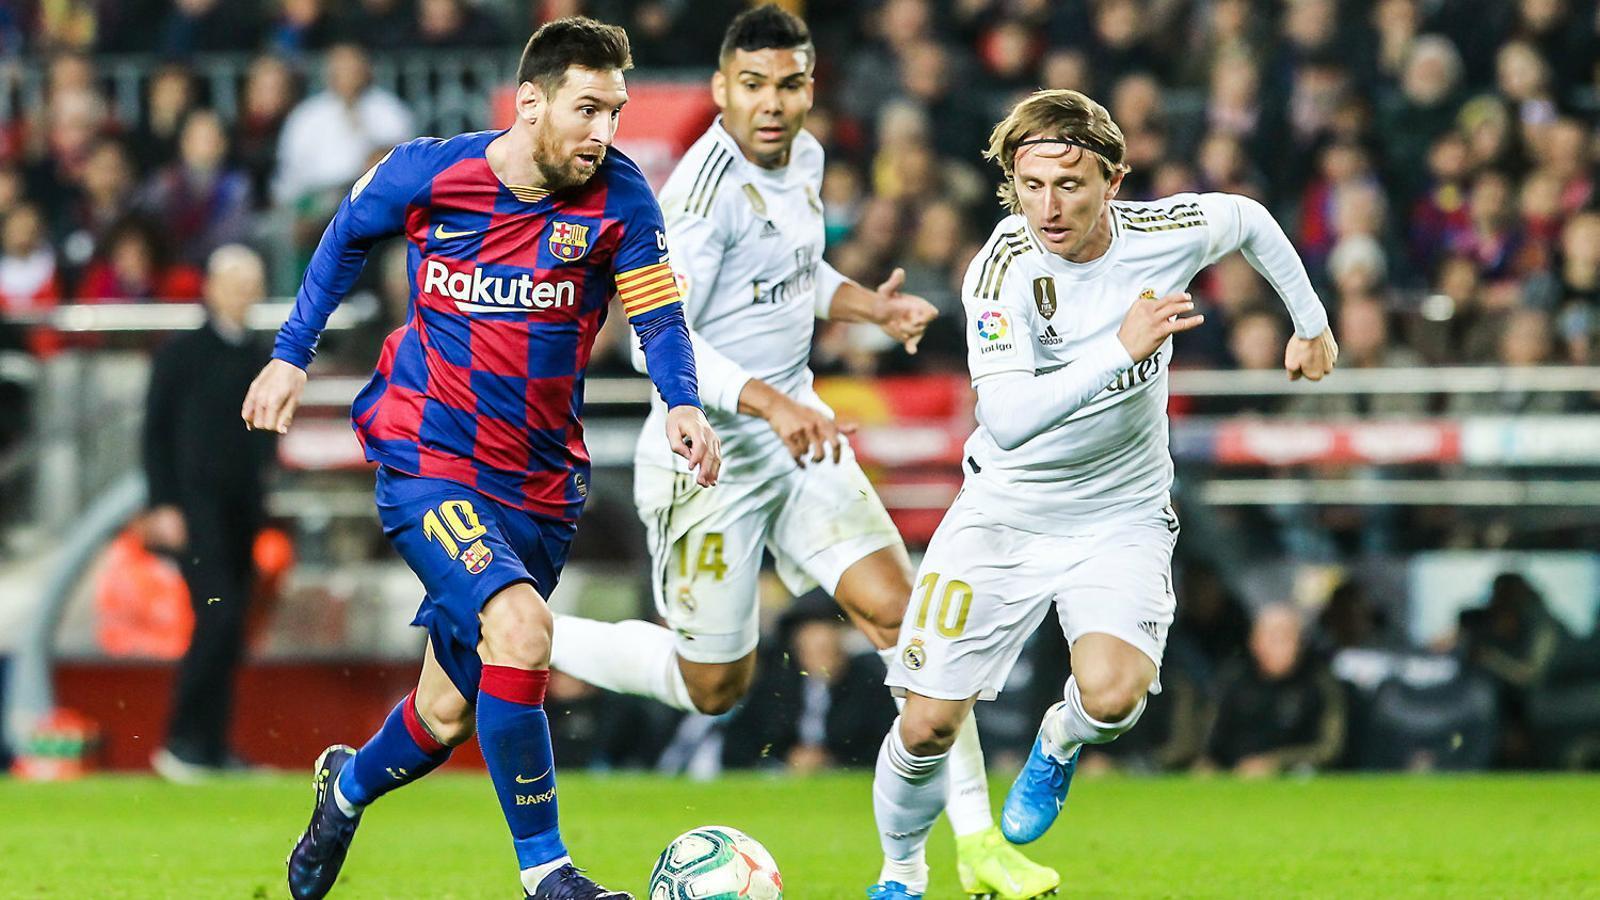 Messi i Modric, els dos últims guanyadors de la Pilota d'Or, cara a cara en un Barça-Madrid